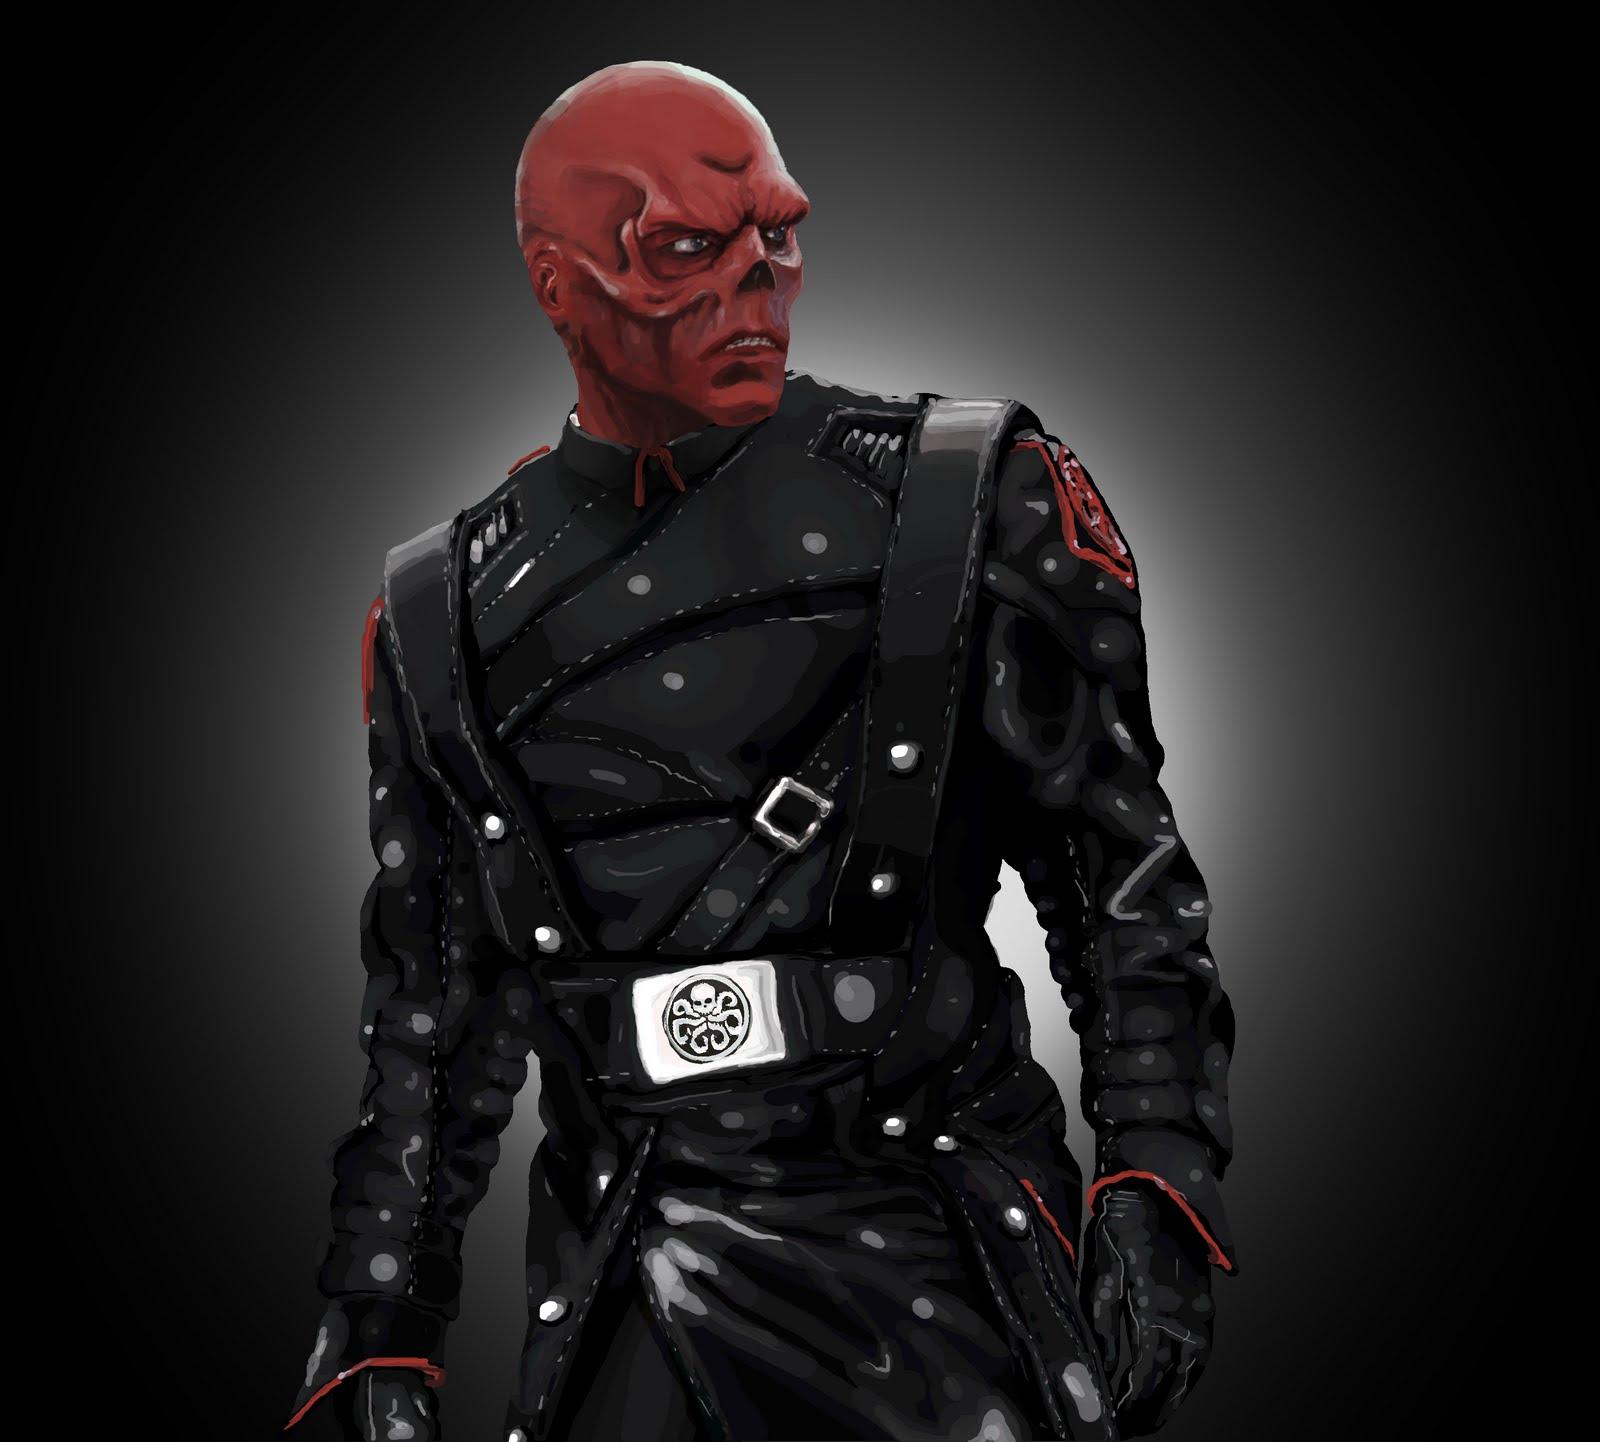 Cosplay forum voir le sujet besoin de conseil pour peinture sur masque souple cr ne roug - Mechant avenger ...